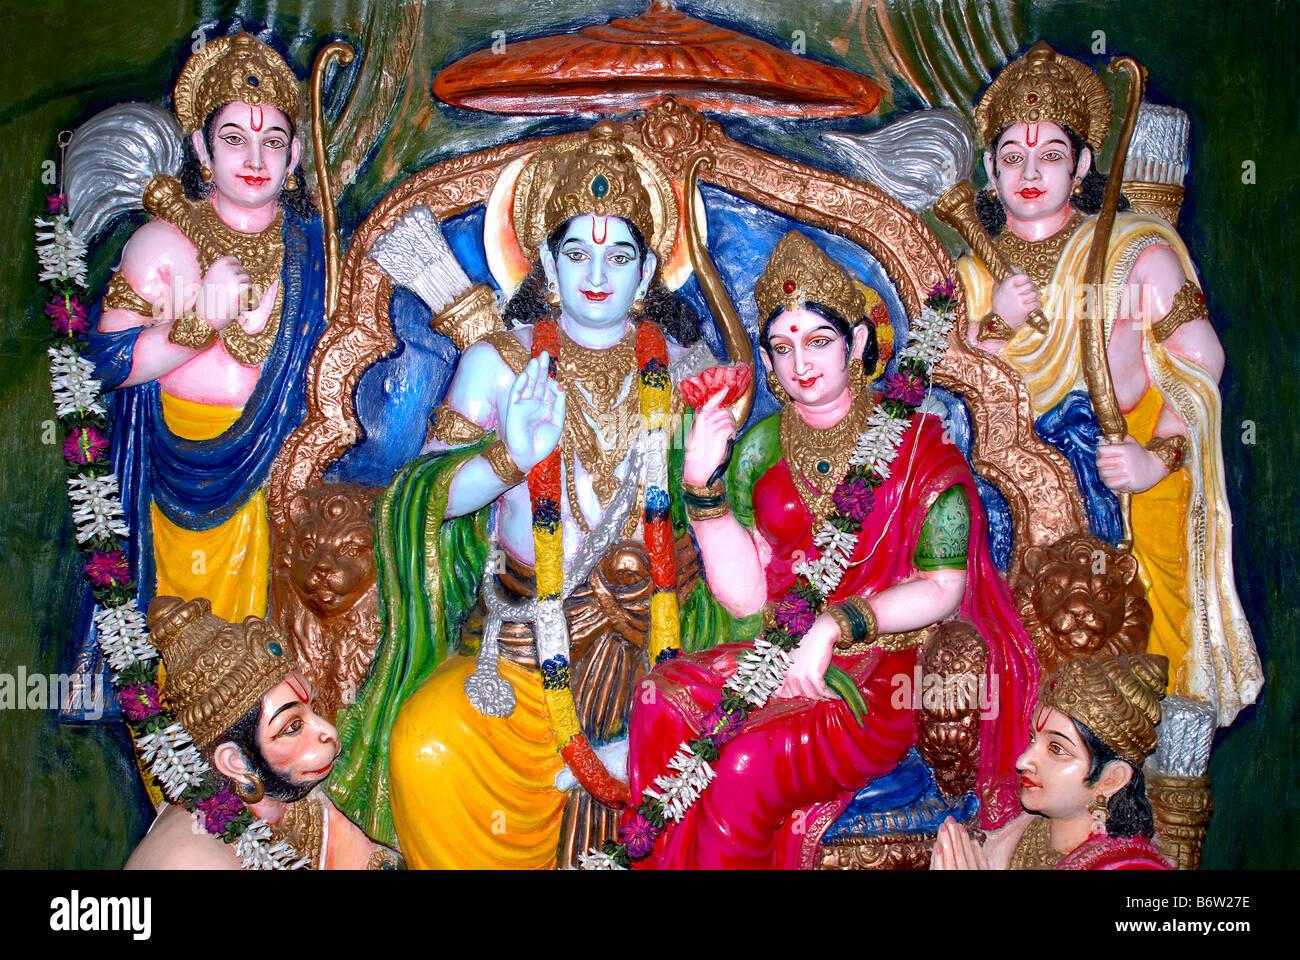 Hindu Diety Lord Rama, Goddess Sita, Hanuman, At A Temple